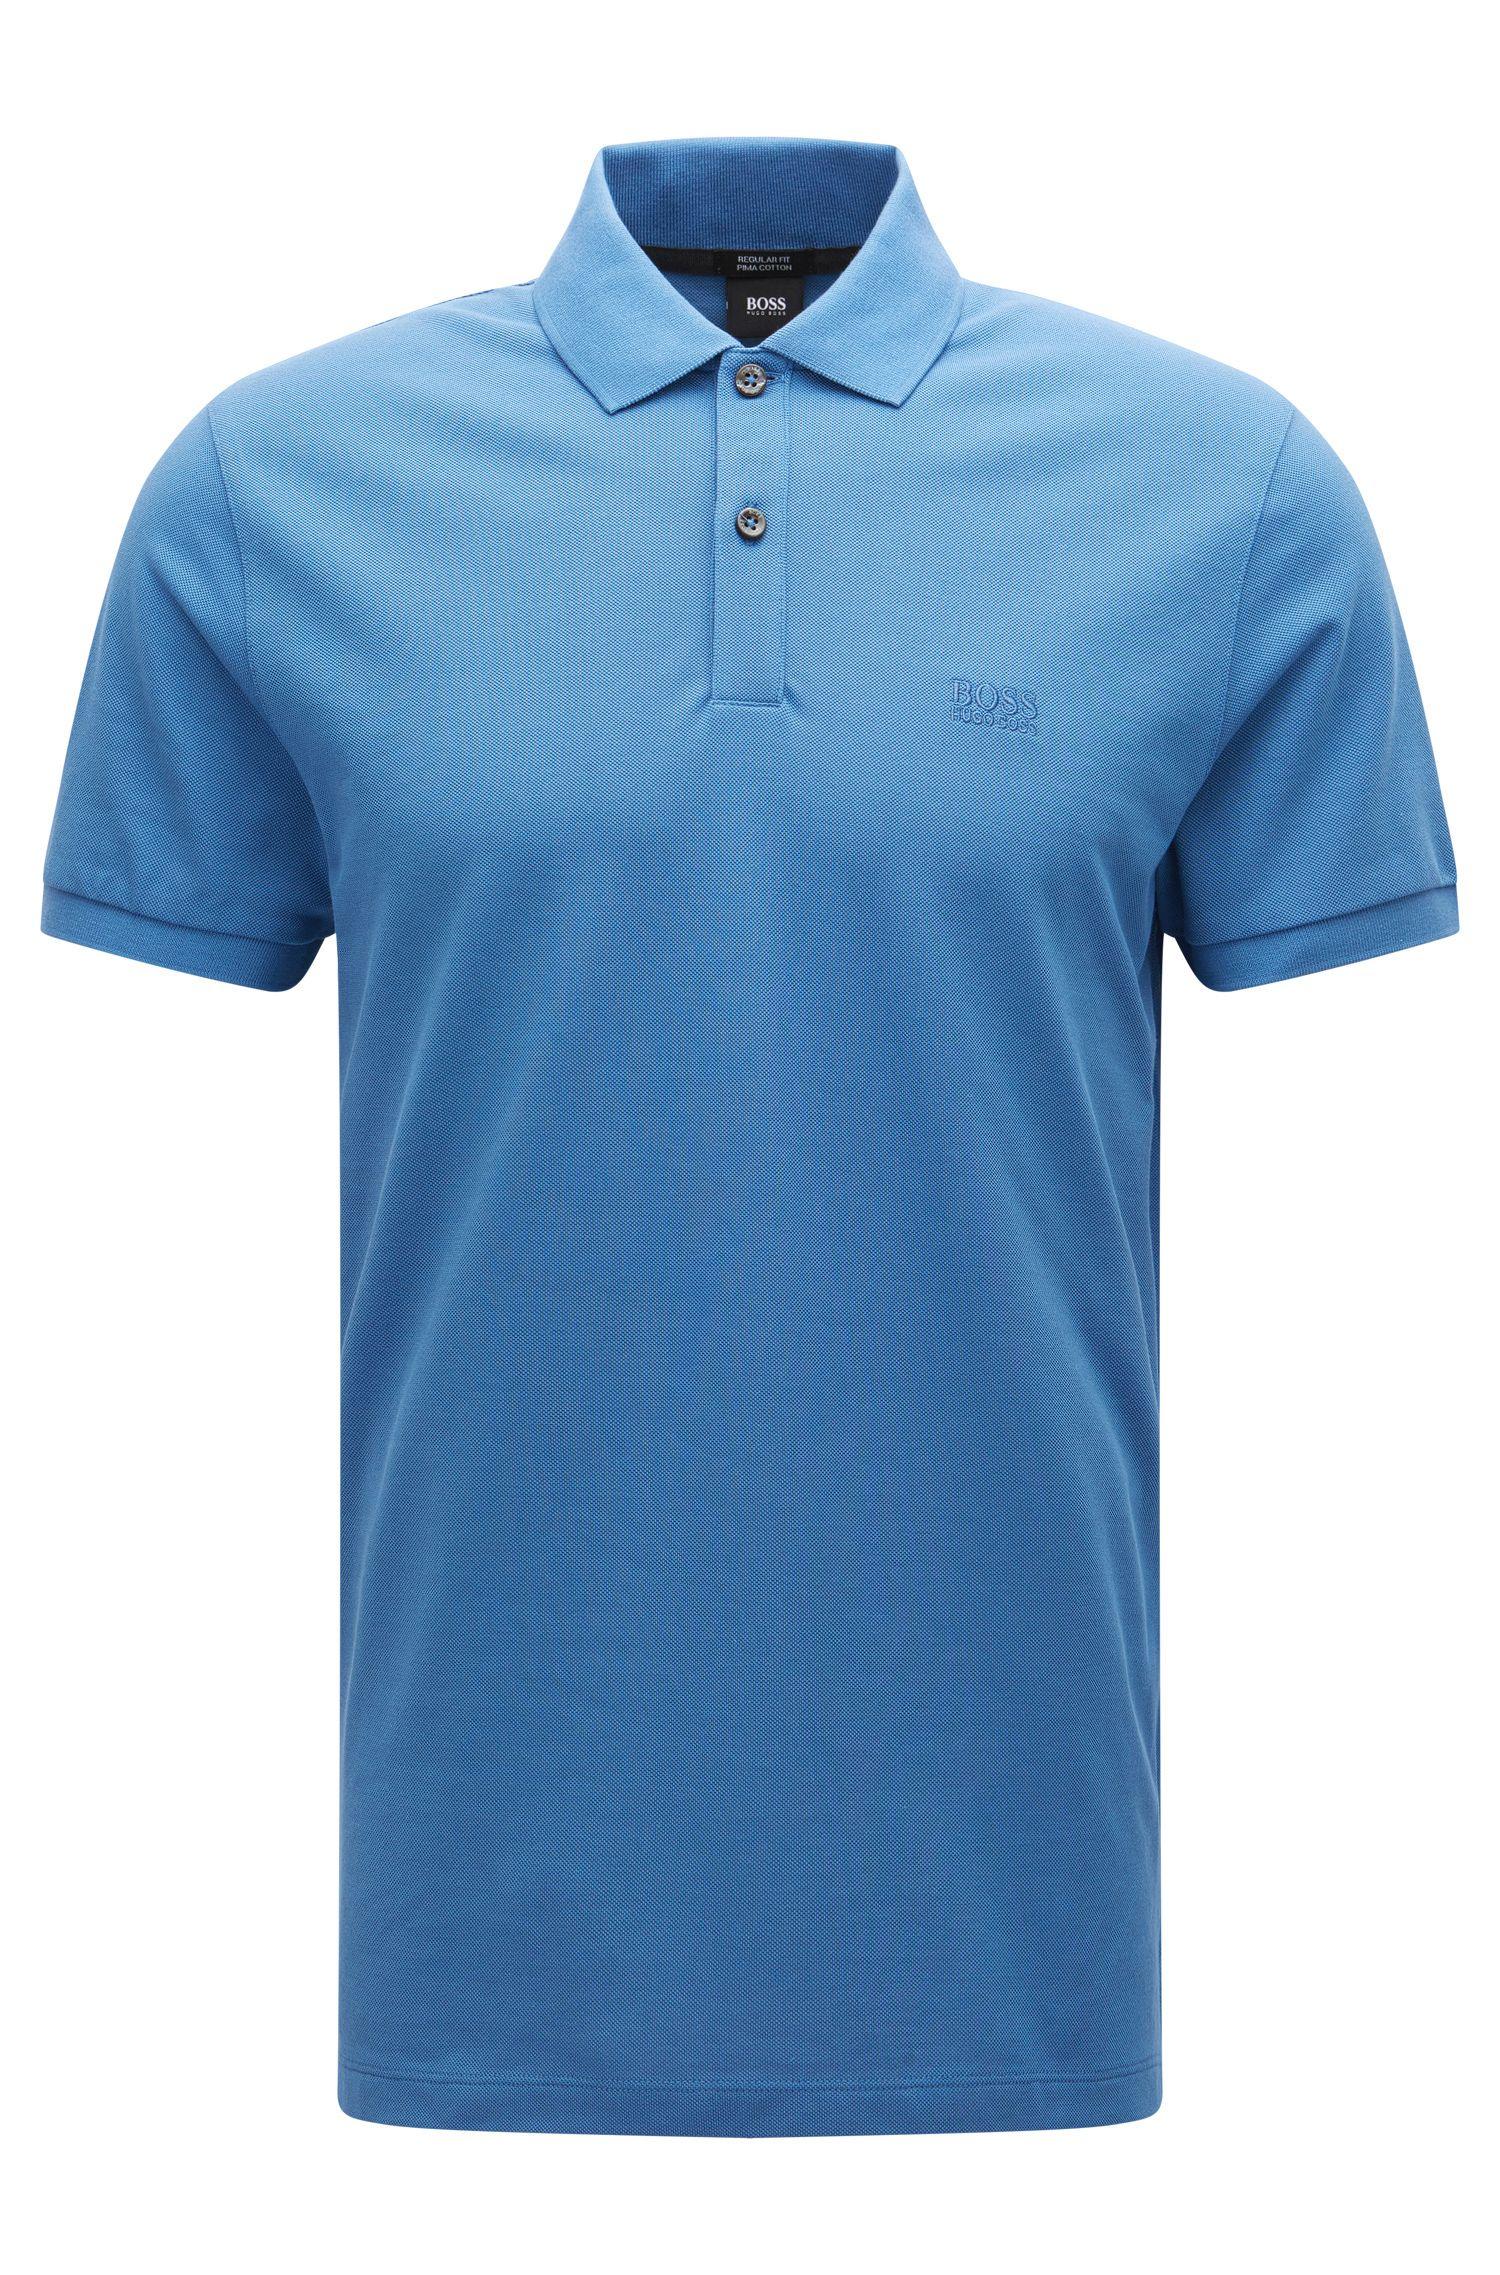 Regular-Fit Poloshirt aus feinem Piqué